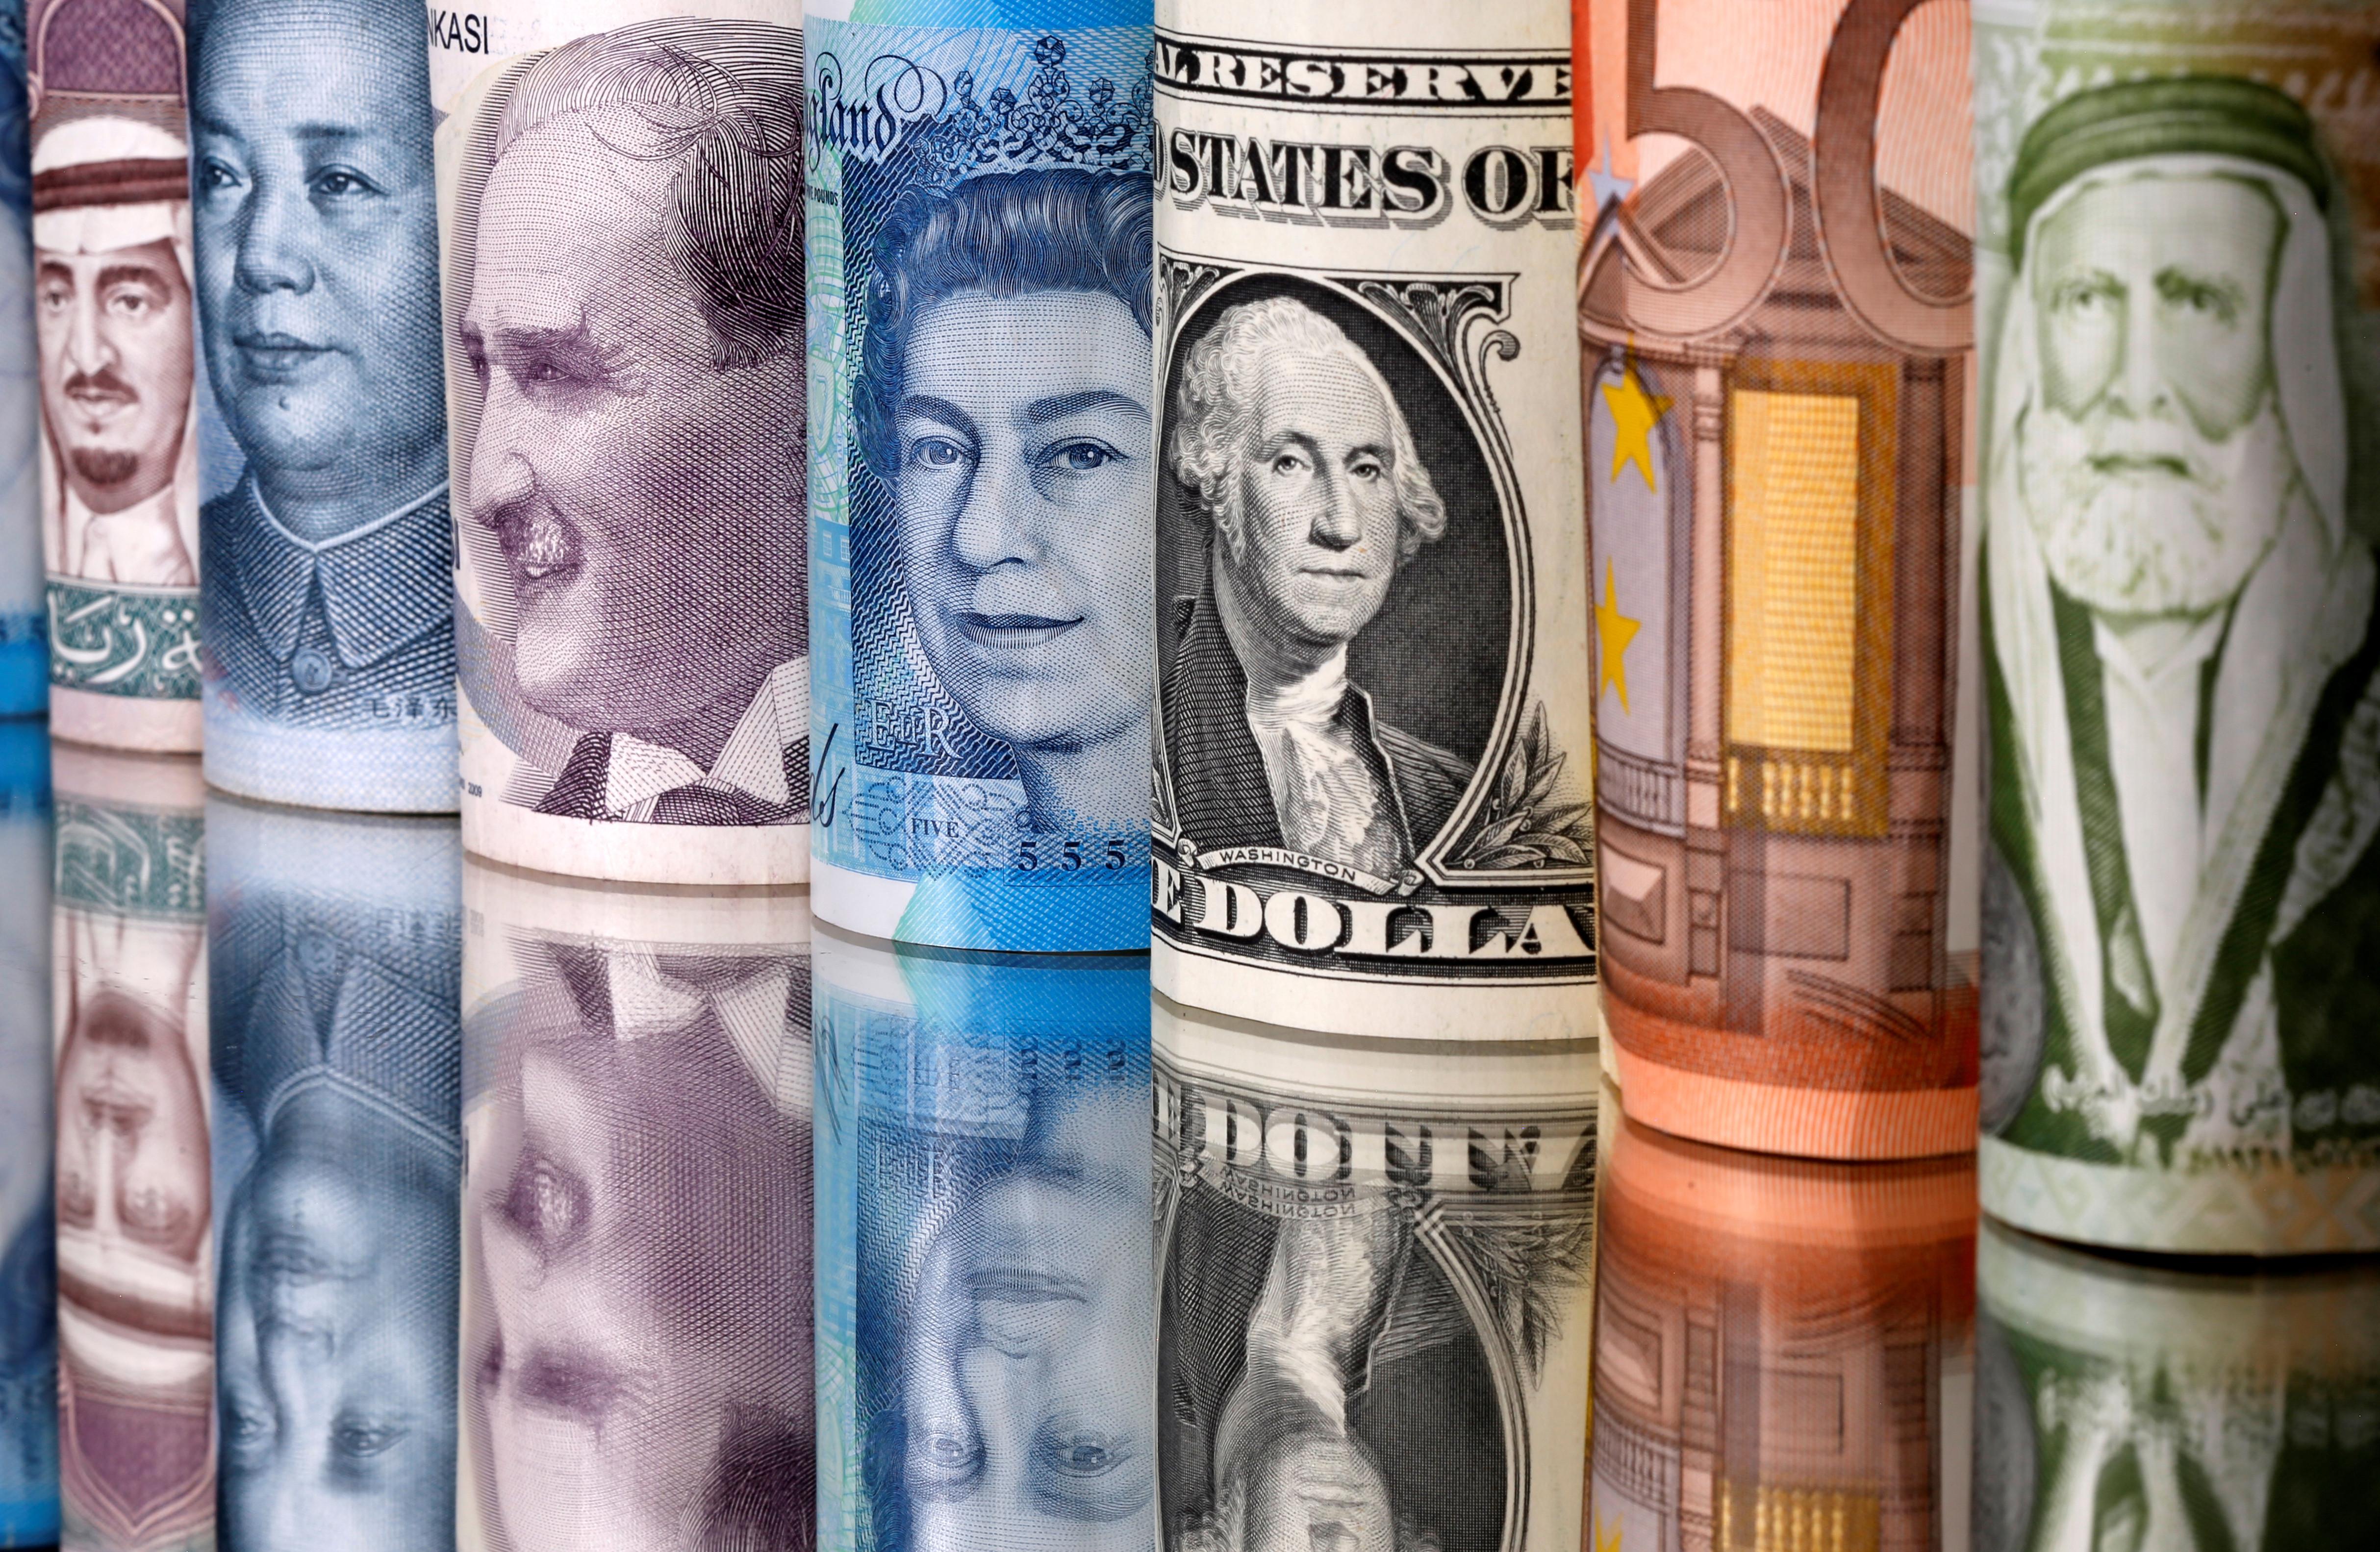 紓困,新冠肺炎,川普,拜登,國債,財政懸崖,通膨,預算赤字,公債殖利率